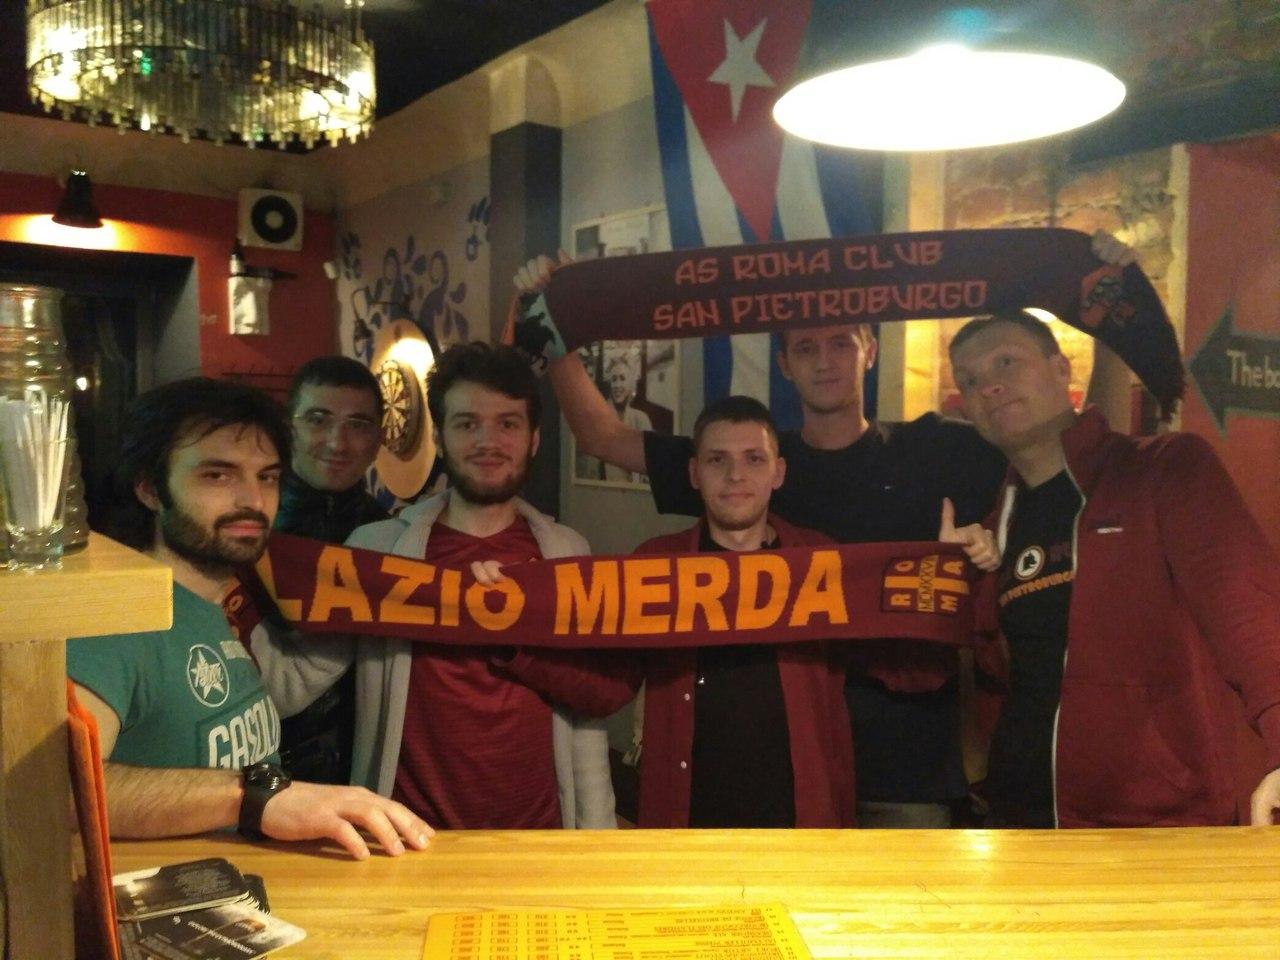 Roma Club San Pietroburgo - 1